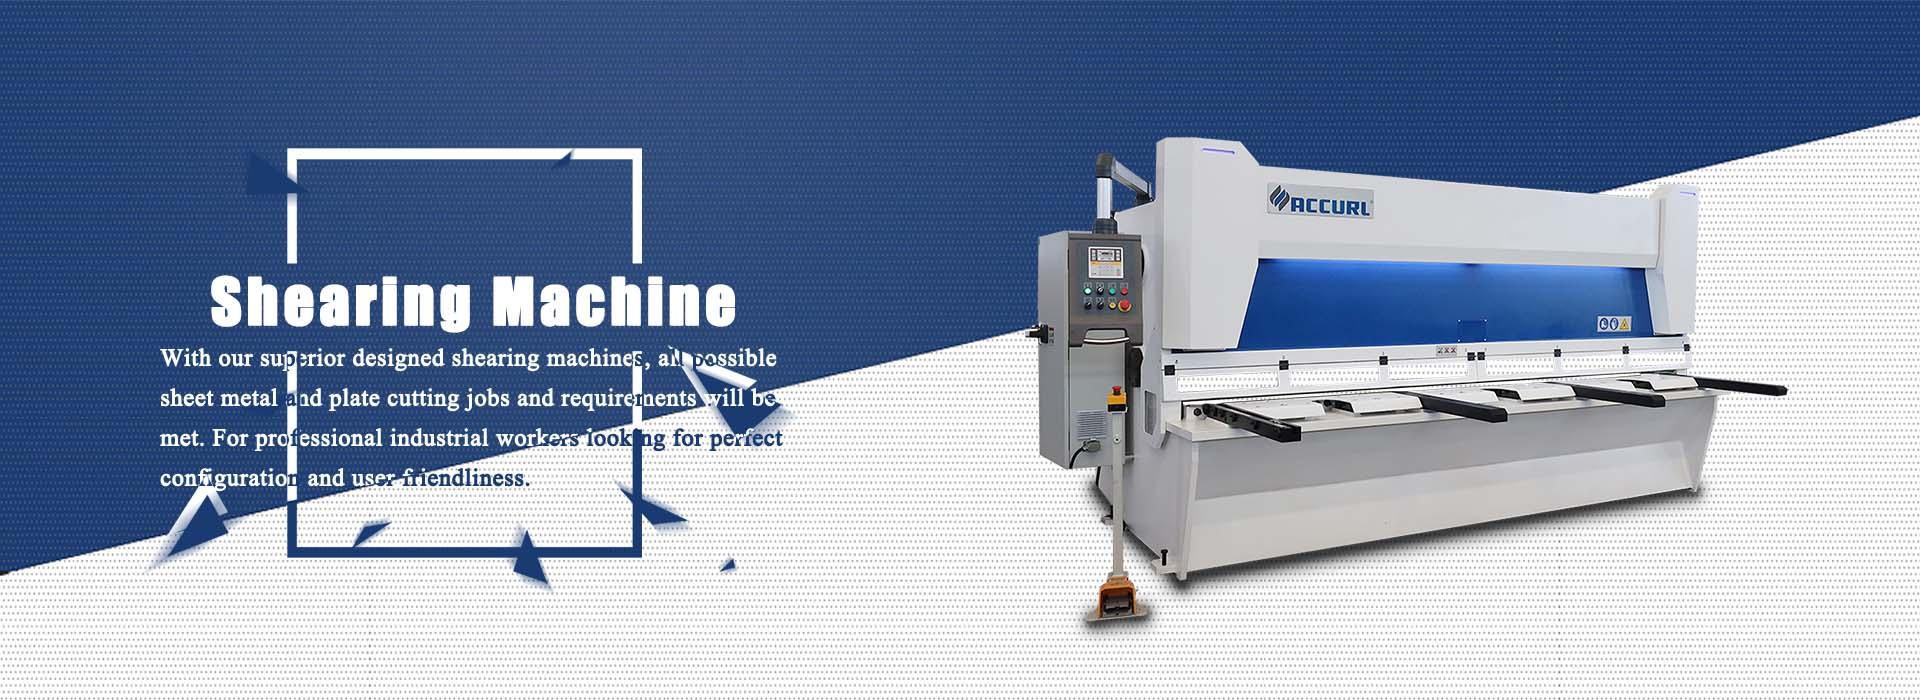 Banner de màquina talladora